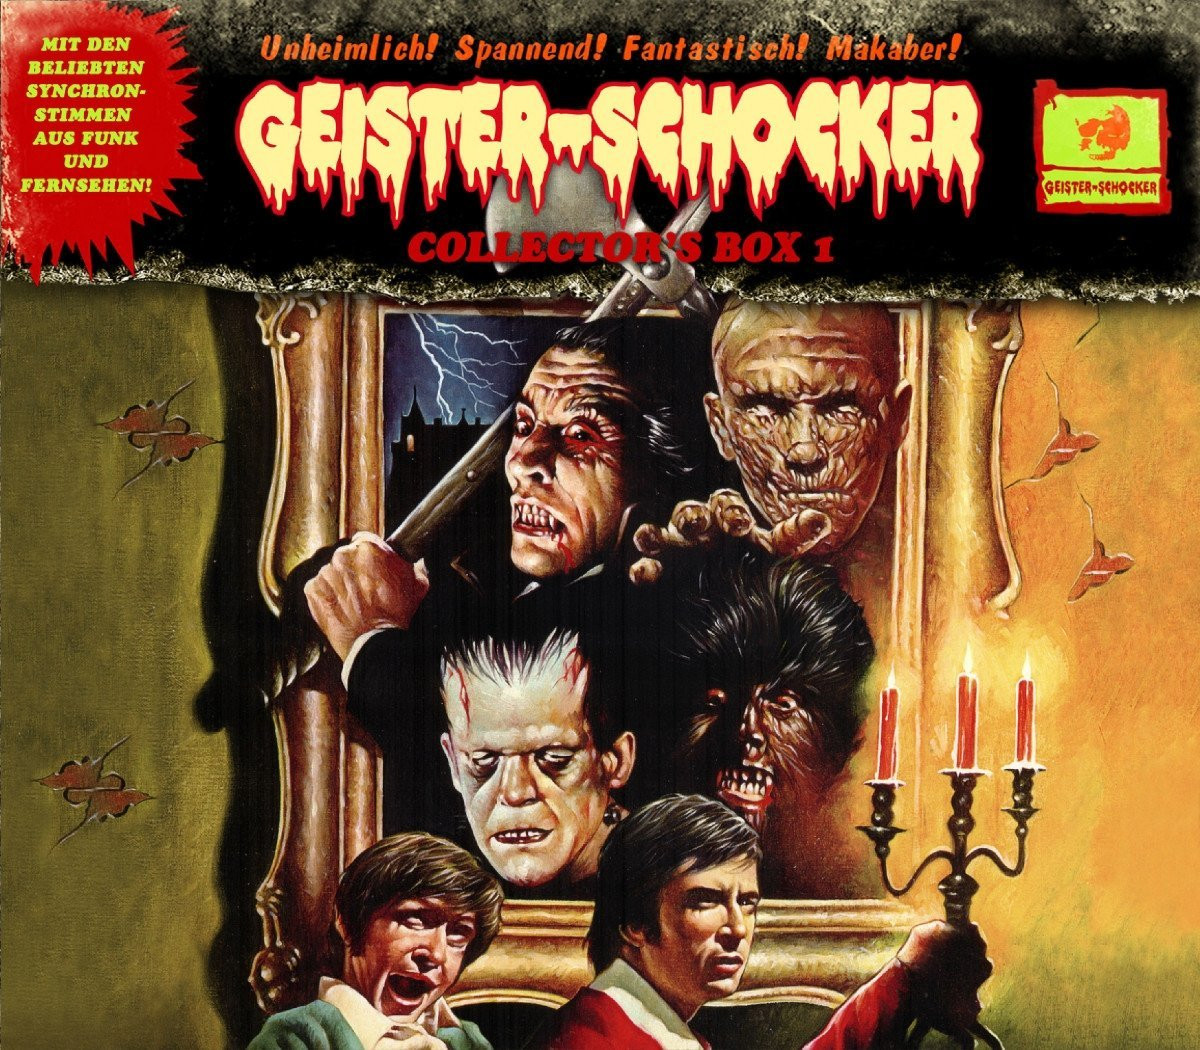 Geister-Schocker Collector's Box 1 (CD 0, SE und Folge 1)